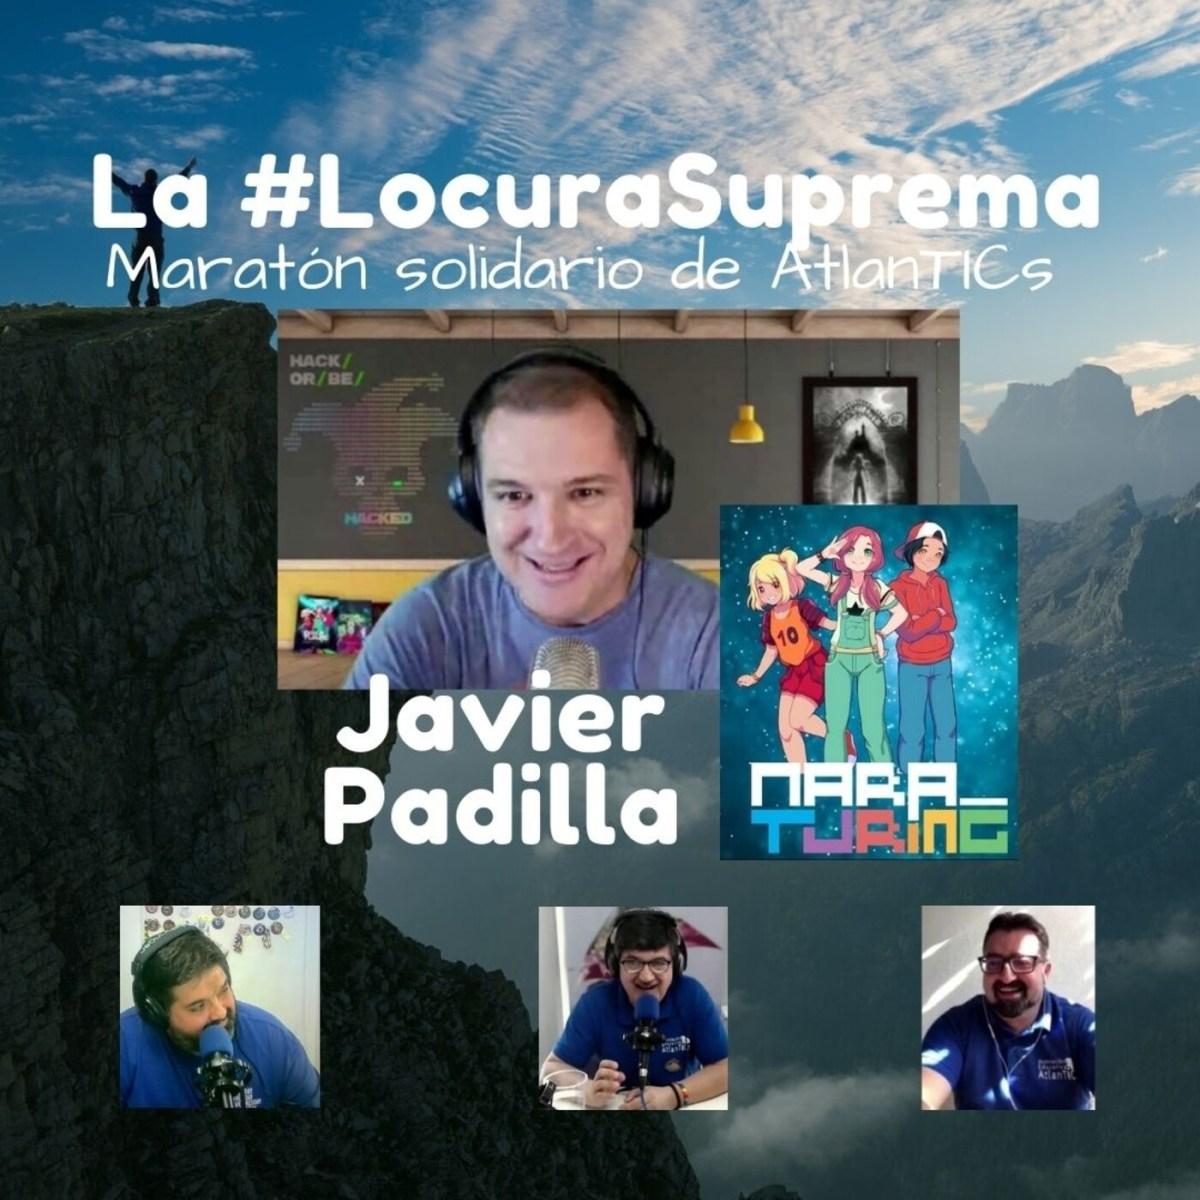 🤪 La #LocuraSuprema con Javier Padilla ✍🏽 #MaraTuring